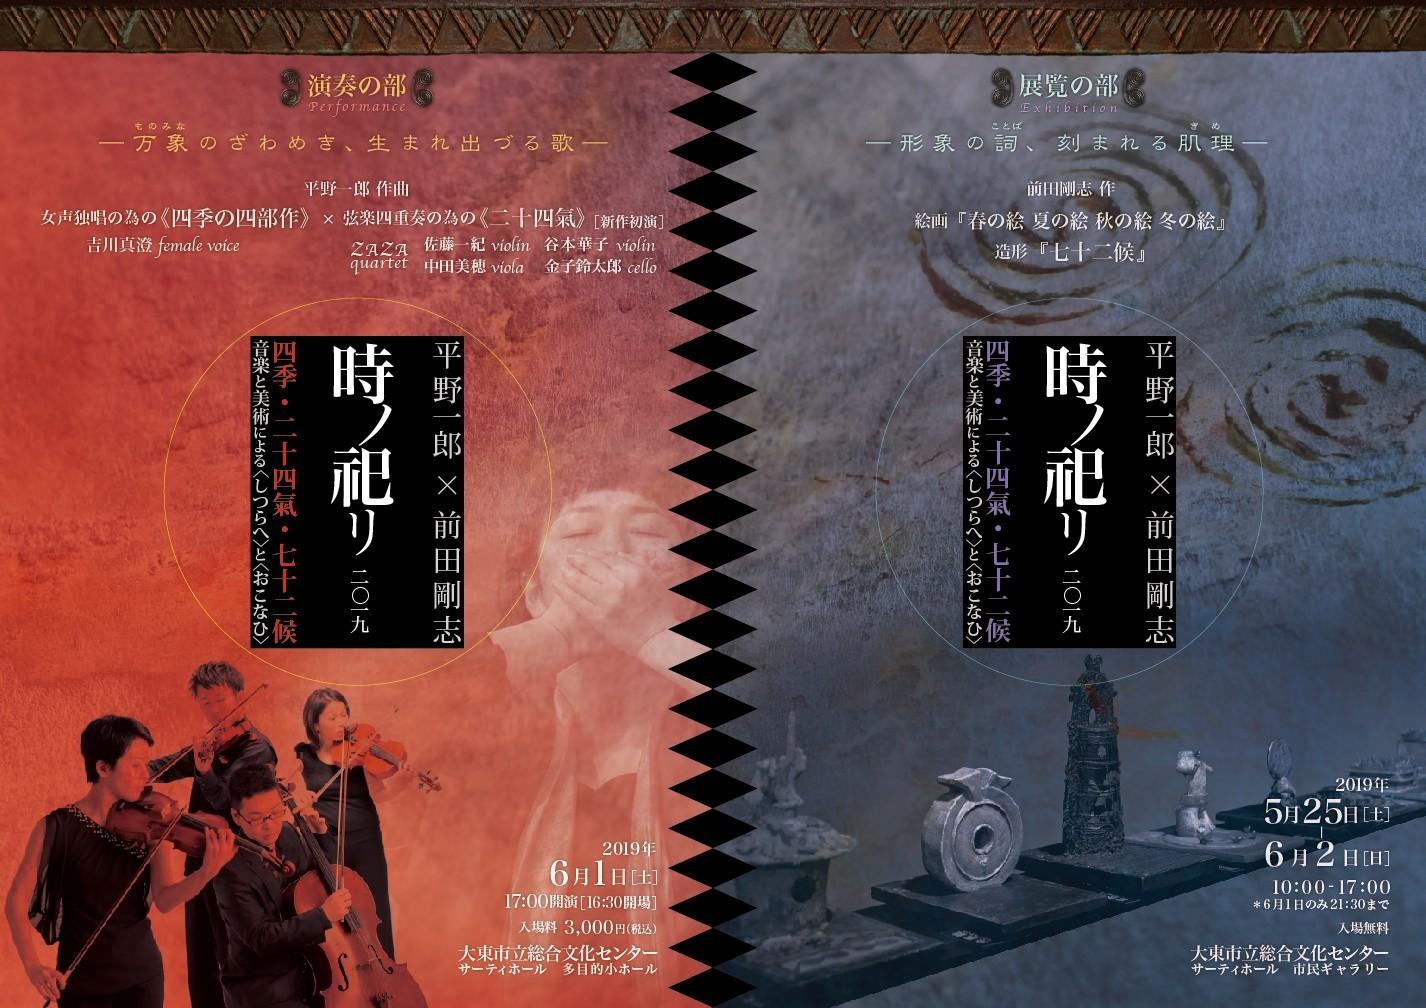 平成末日令和前夜_e0074793_19154193.jpg